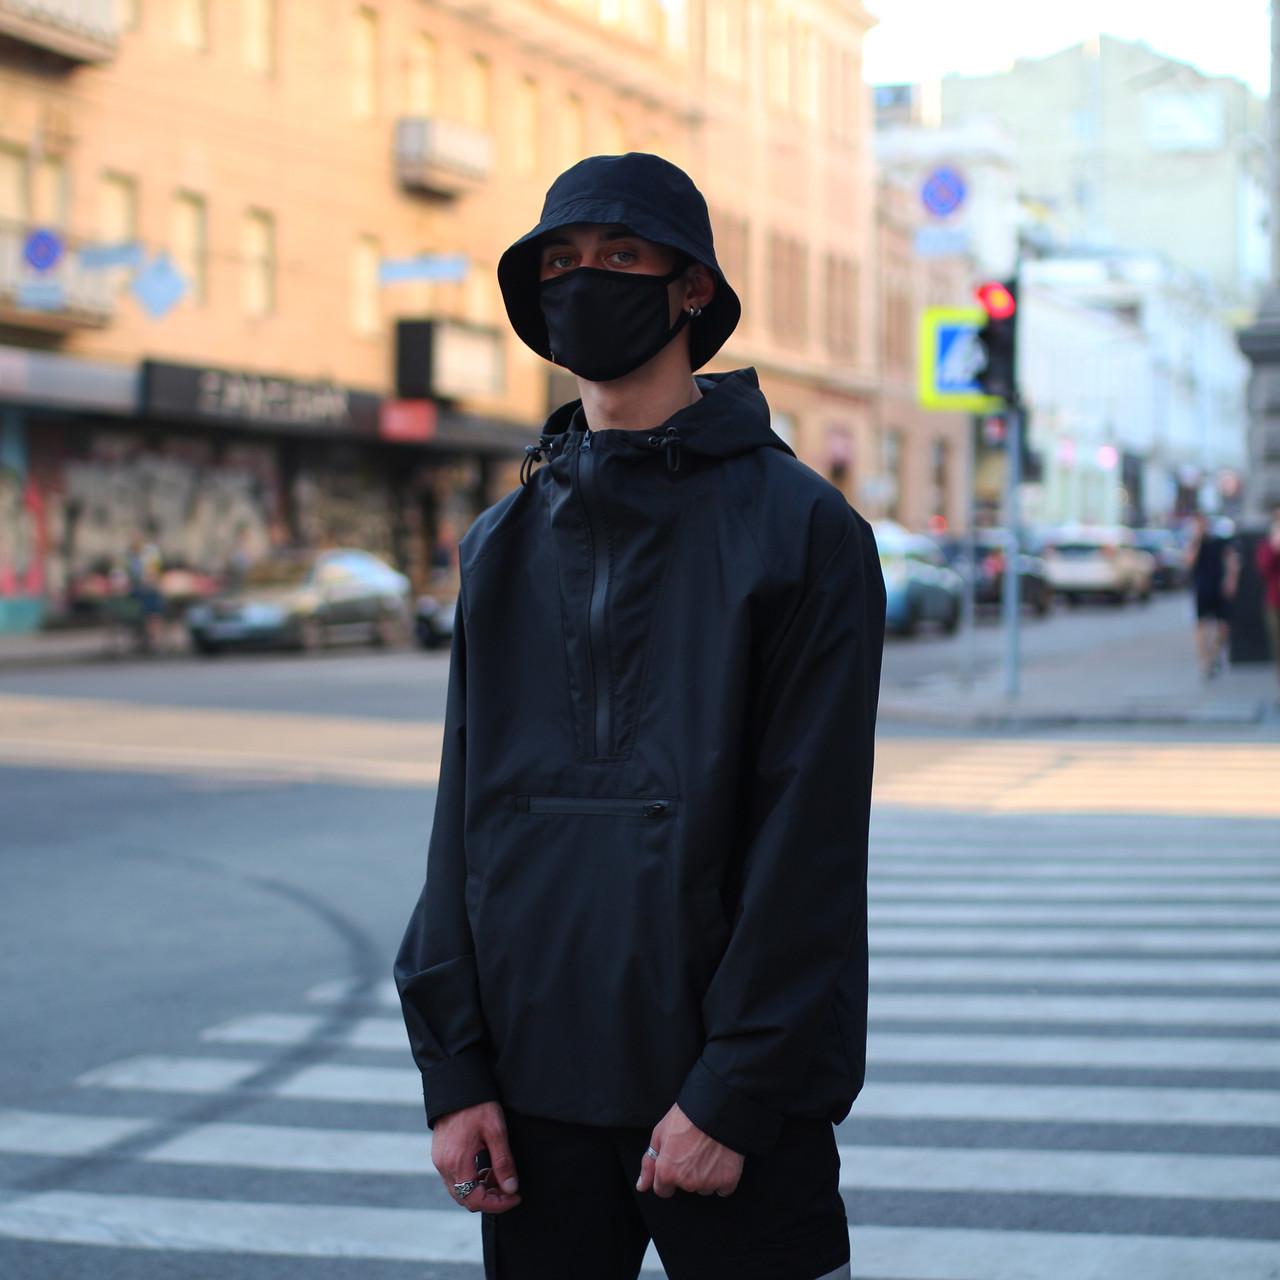 Анорак мужской черный от брнеда ТУР Шадоу (Shadow)